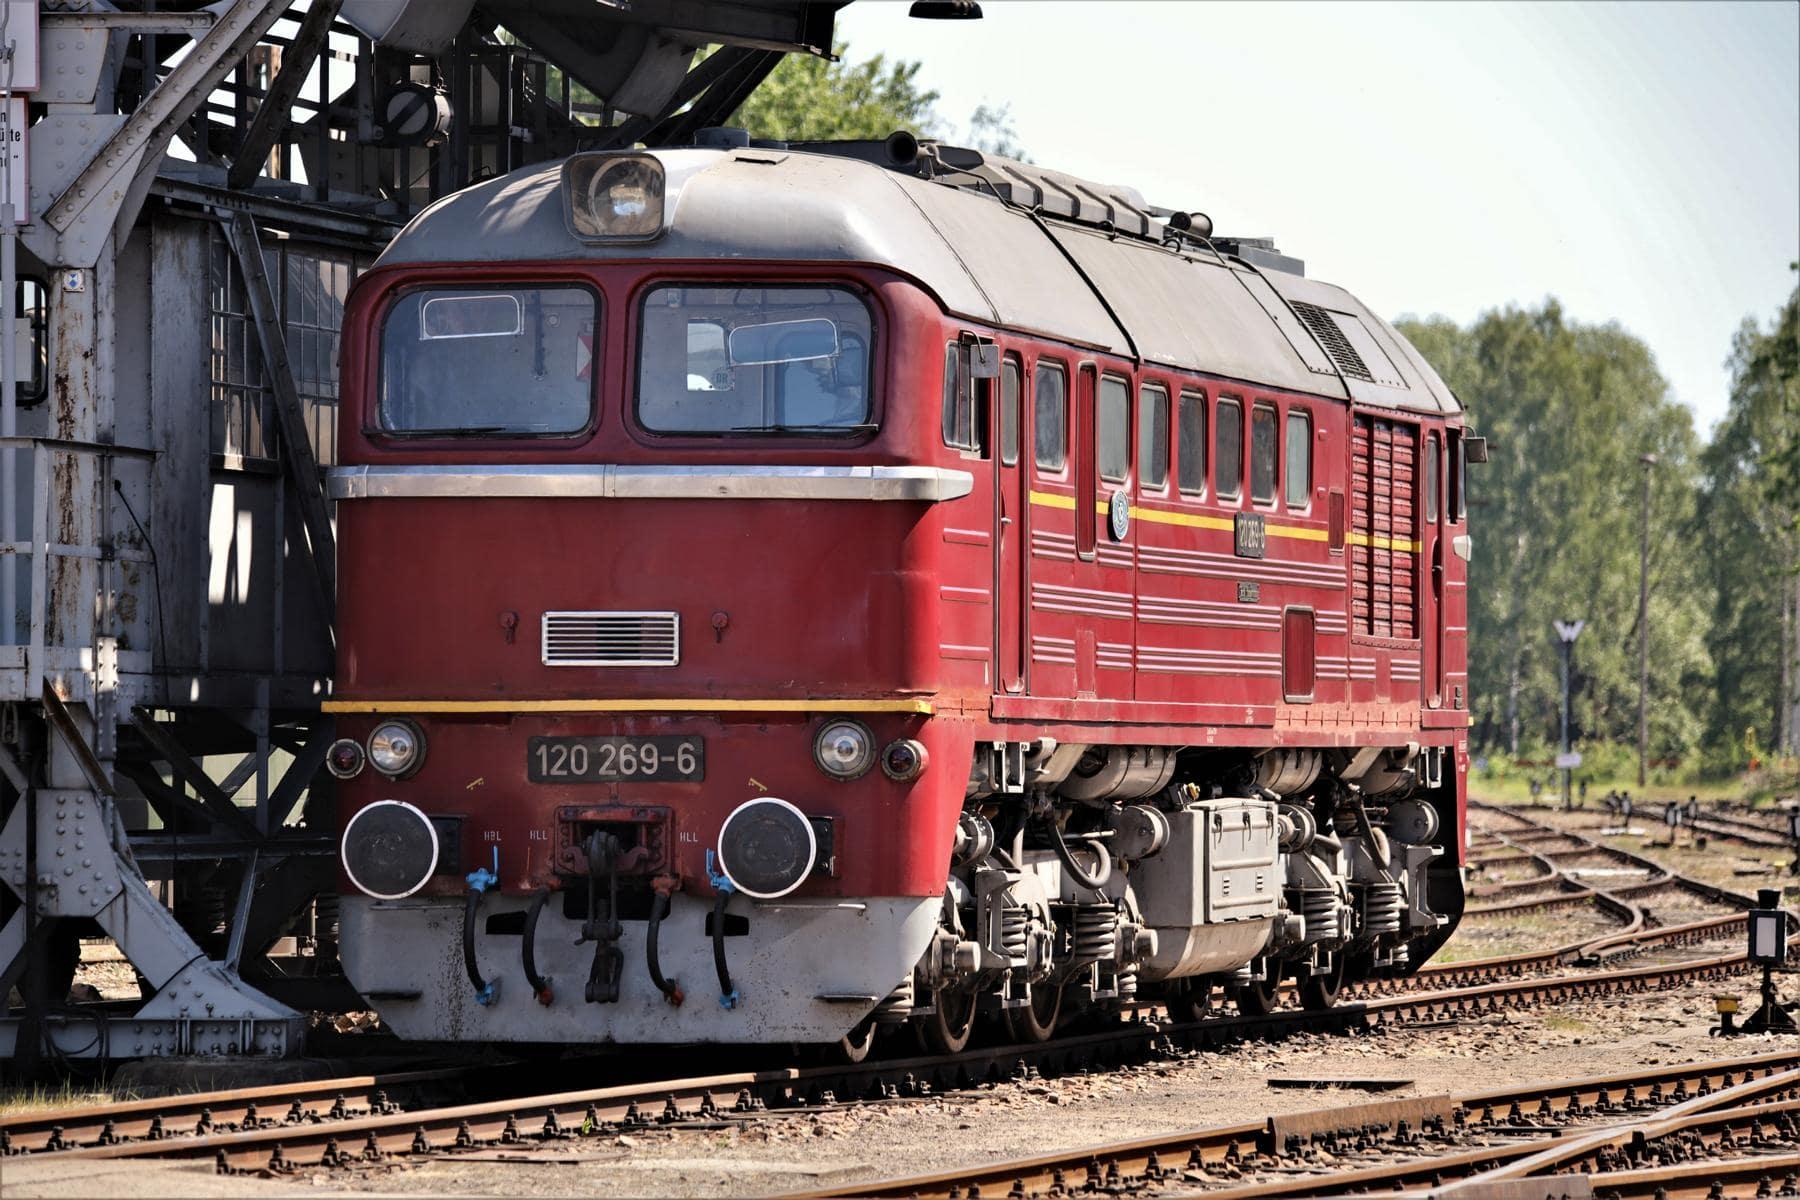 ©Foto: Christian Wodzinski | railmen | Eine Güterzuglokomotive der Baureihe 120 unter dem Hochbunker – gebaut 1969 in Lugansk